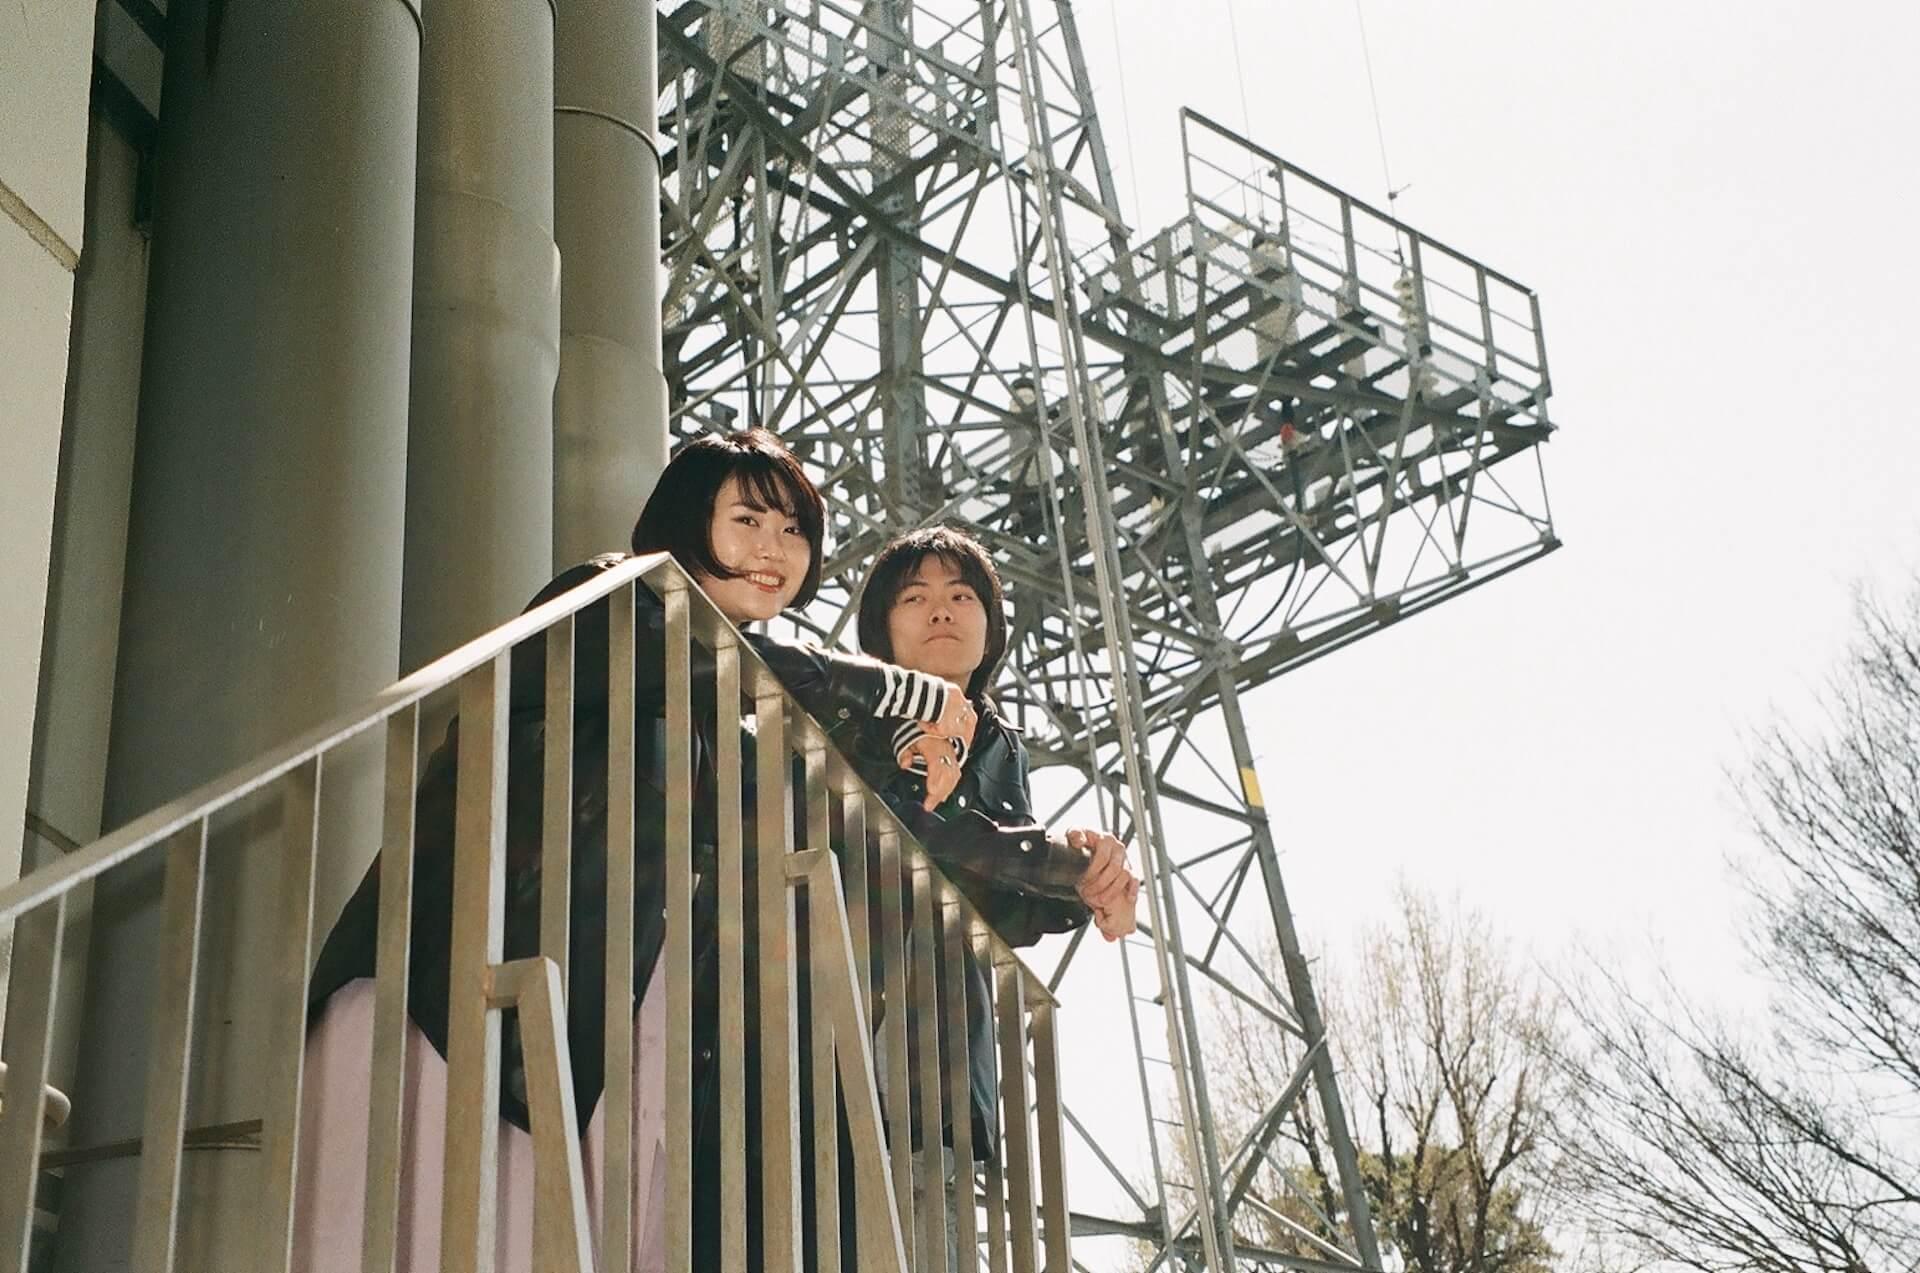 はなむけしゃしん - Ye&Nana「落花流水」 art200325_hanamukeshashin_9